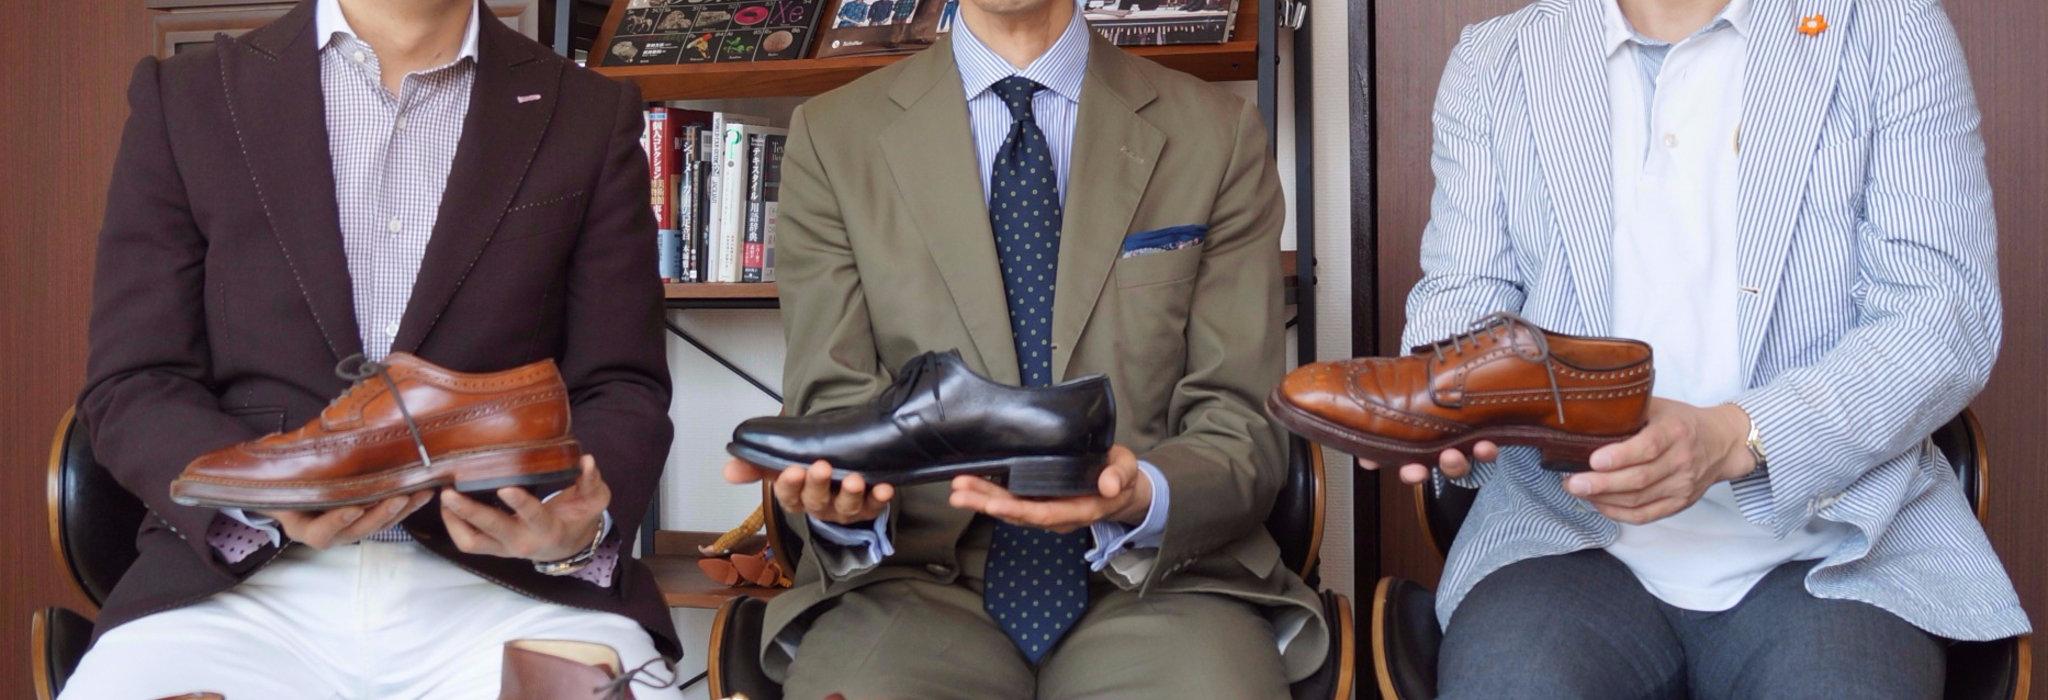 【前編 】靴好きの3人が思いのままに語る革靴談義。僕らが靴のとりこになった理由。_image